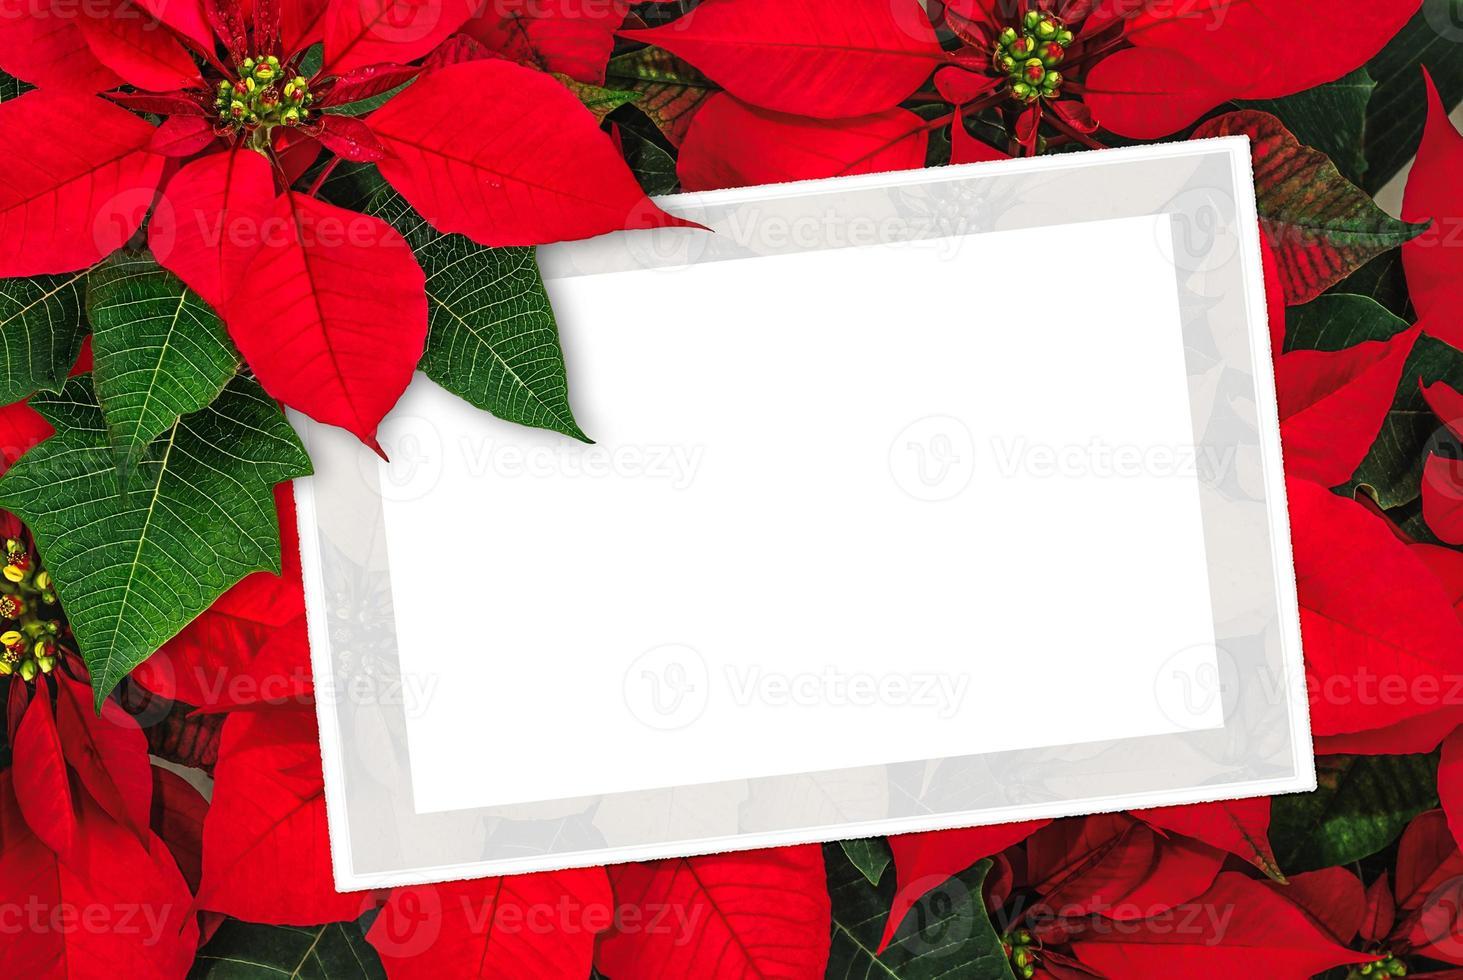 Weihnachtsgrußkarte Weihnachtssterndekoration mit Kopienraum foto